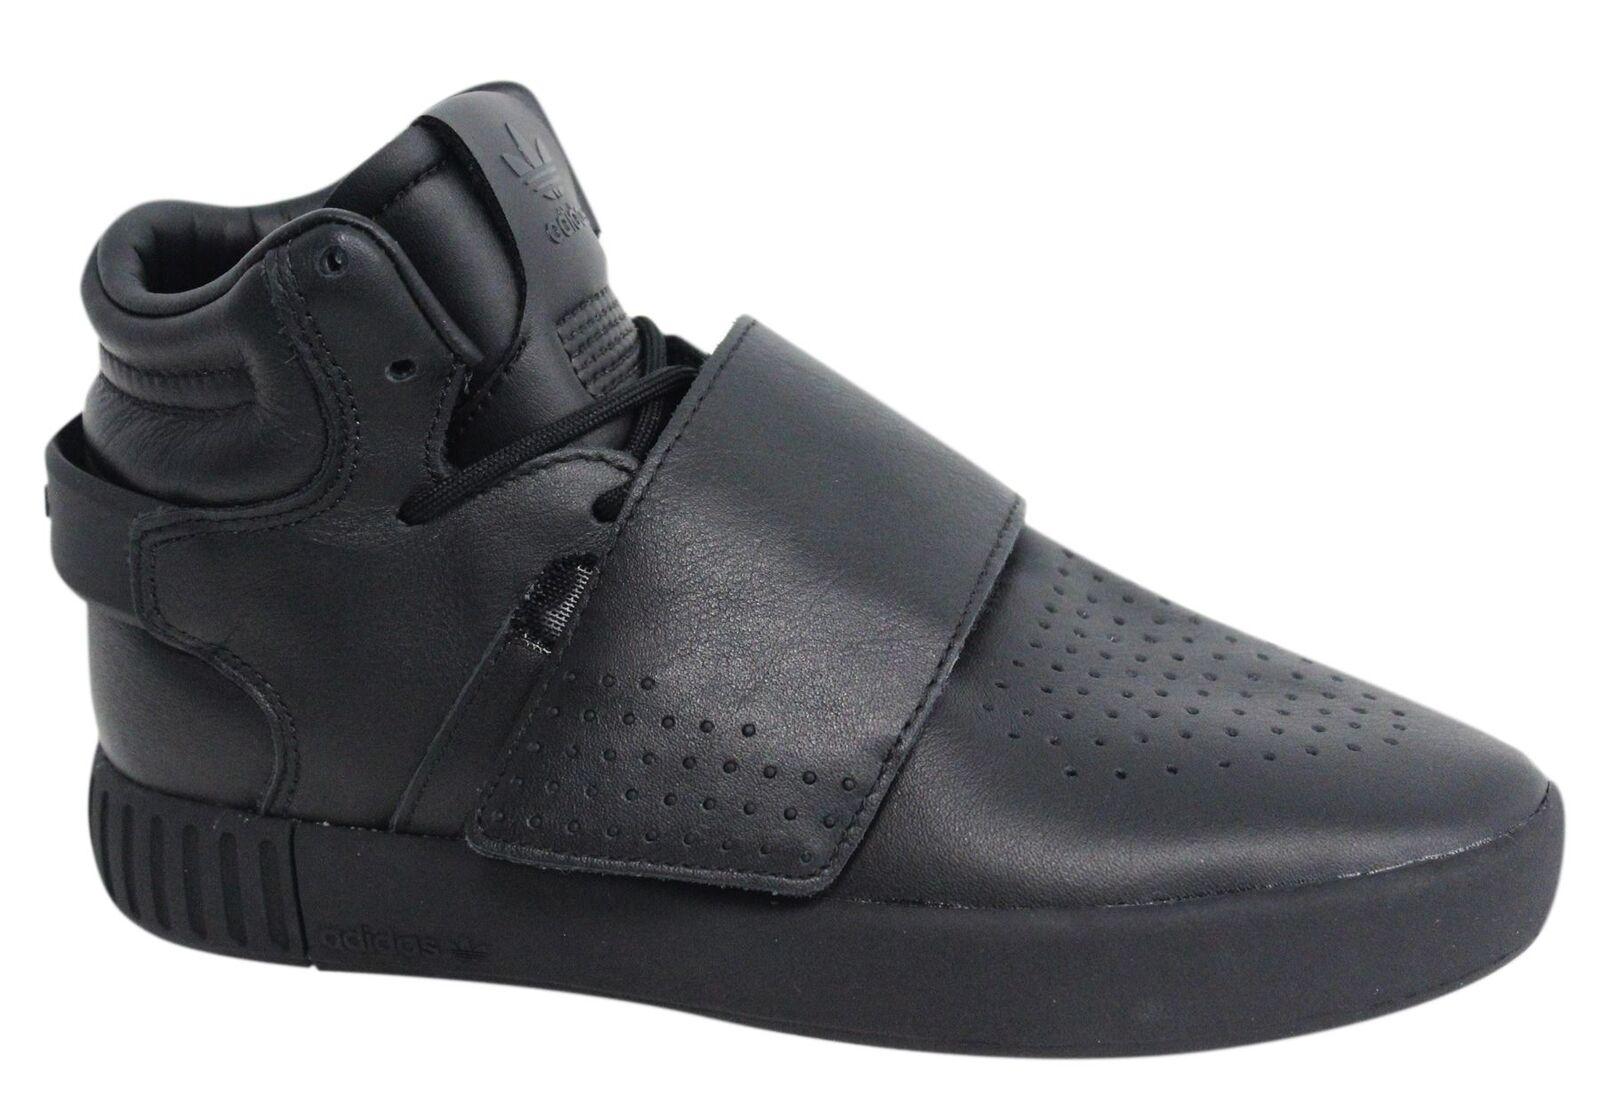 Adidas di tubulare invasore cinghia merletto Uomo - formatori di Adidas pelle nera bw0871 m11 dc55a8